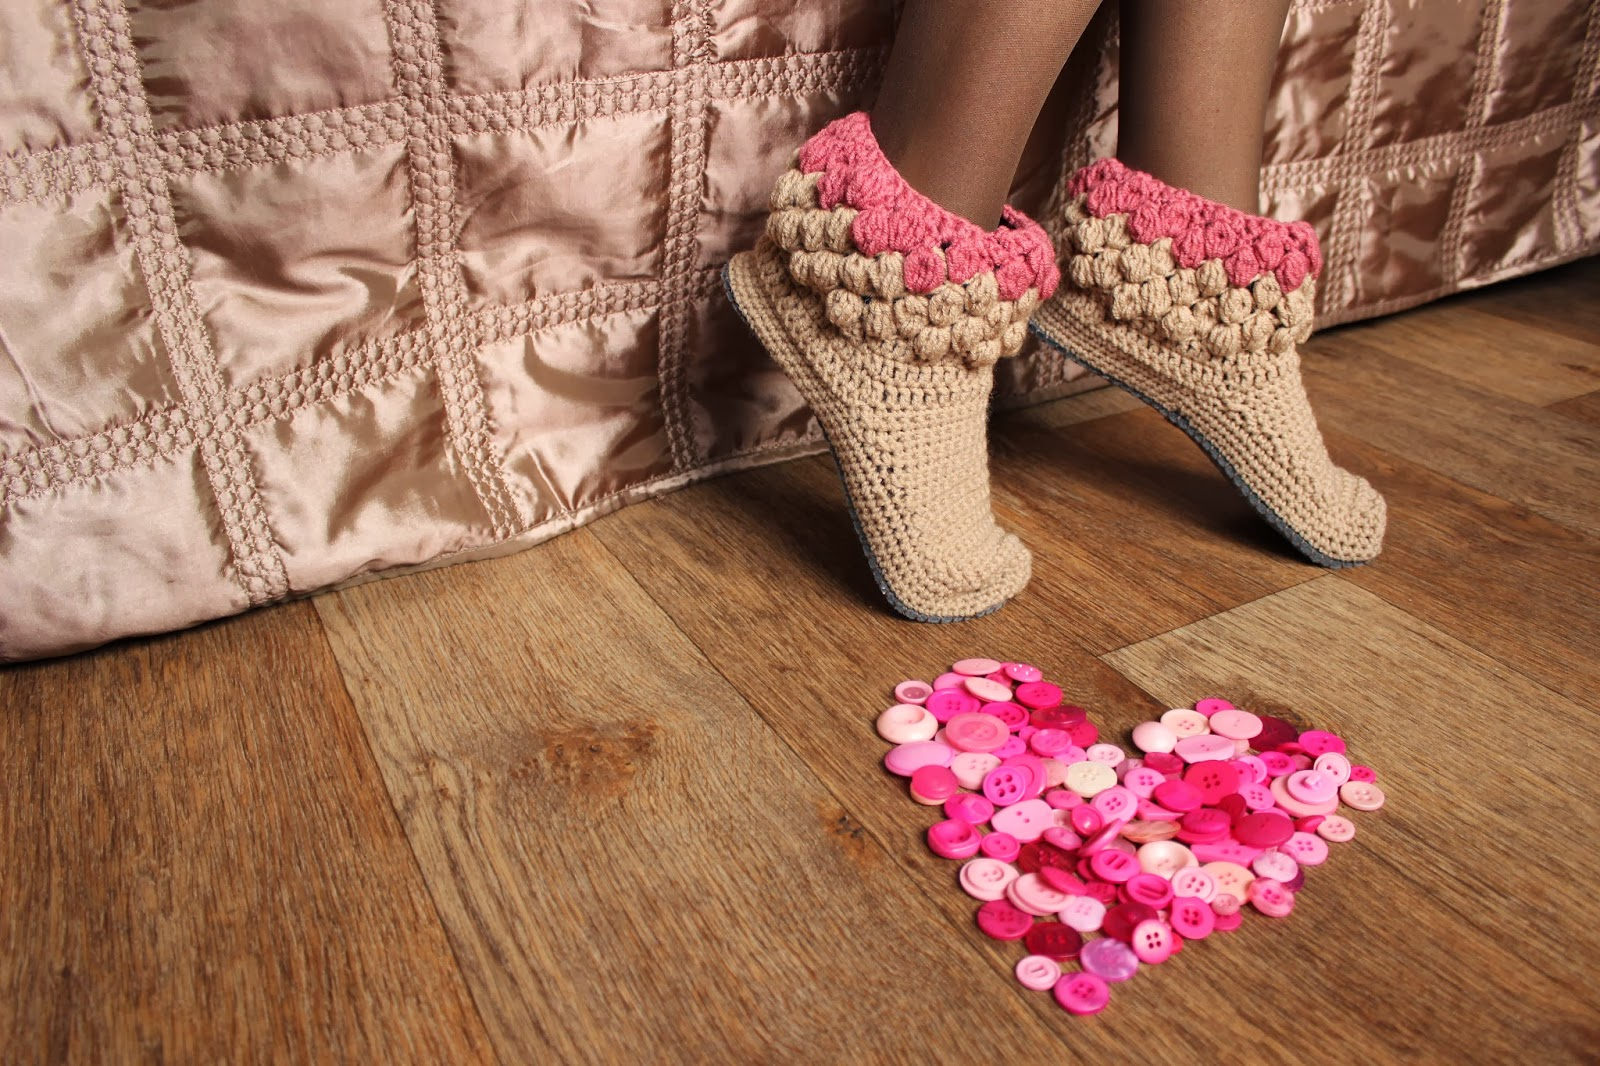 тапочки крючком,обувь ручной работы,обувь для дома,тапочки домашние,тапочки вязаные, подарок, купить тапки,домашние тапки,тапки в подарок, нежные тапочки, красивые тапочки, тапочки сапожки, домашняя обувь,тапочки, тапки домашние, сапожки для дома,сапожки ручной работы,сапожки вязаные, комнатные тапочки